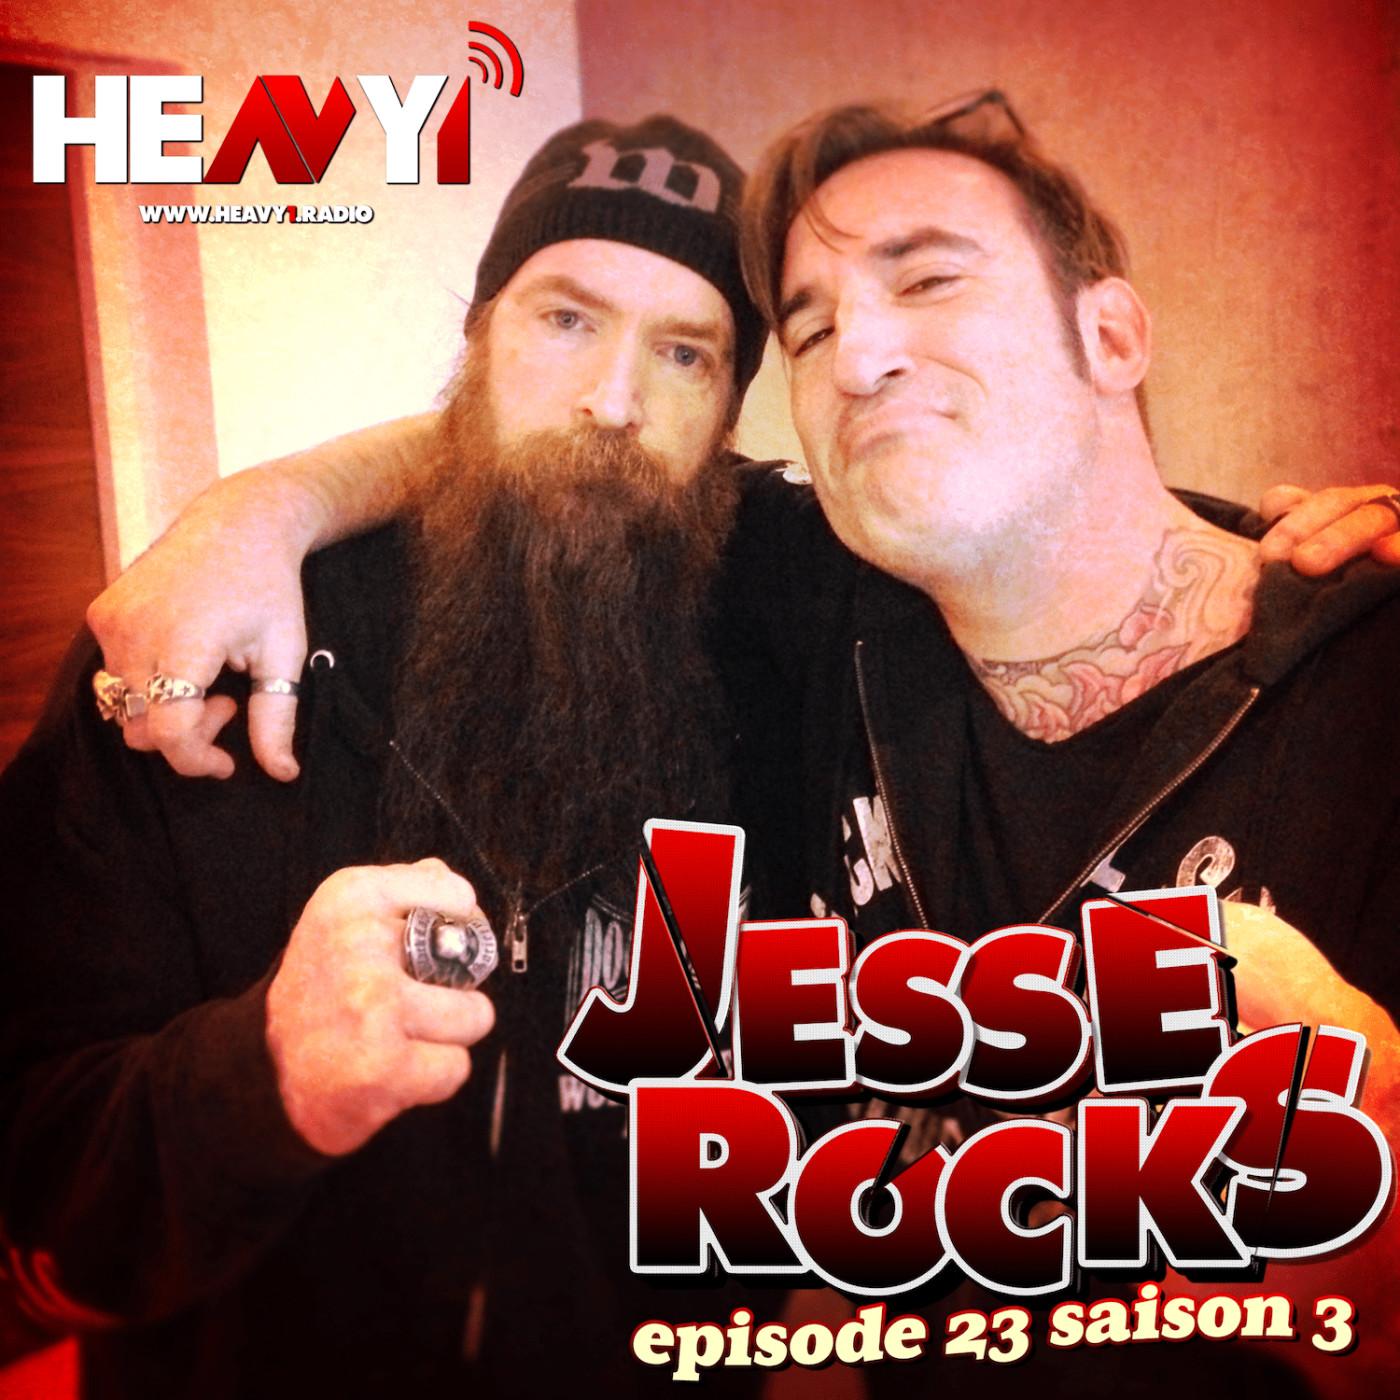 Jesse Rocks #23 Saison 3